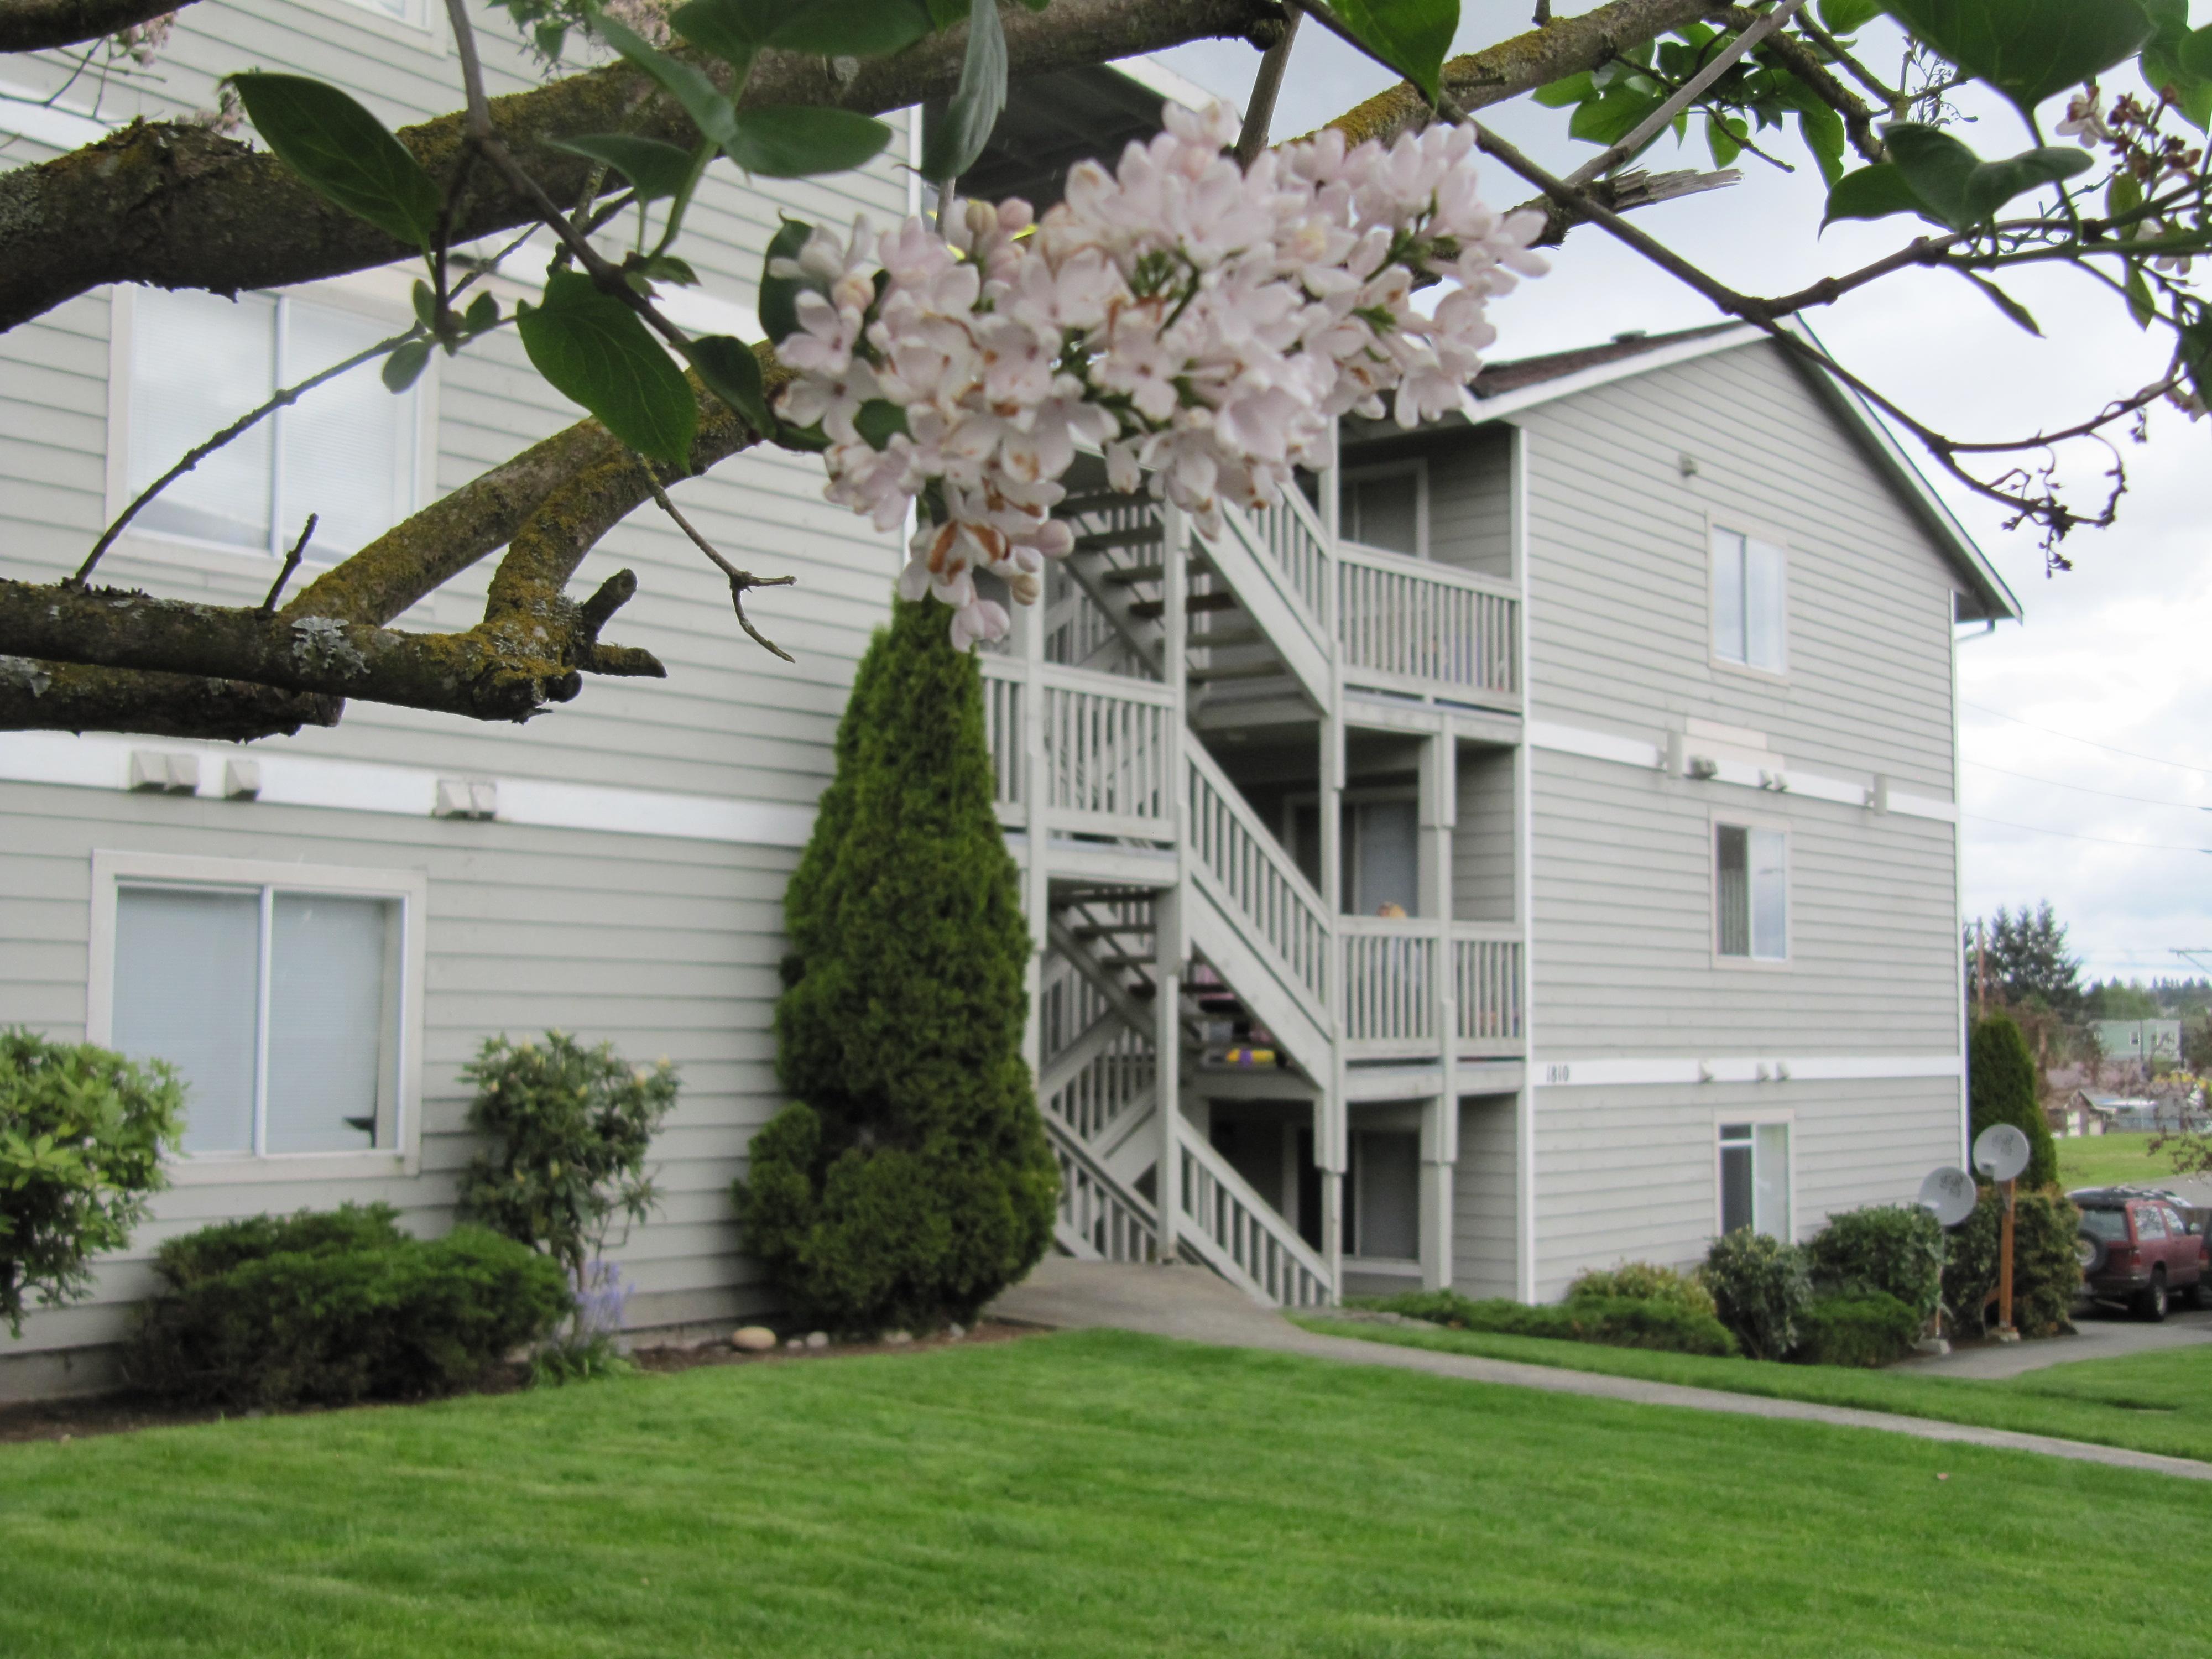 Studio Apartment Everett Wa north everett apartments/williams investments 3015 95th st everett